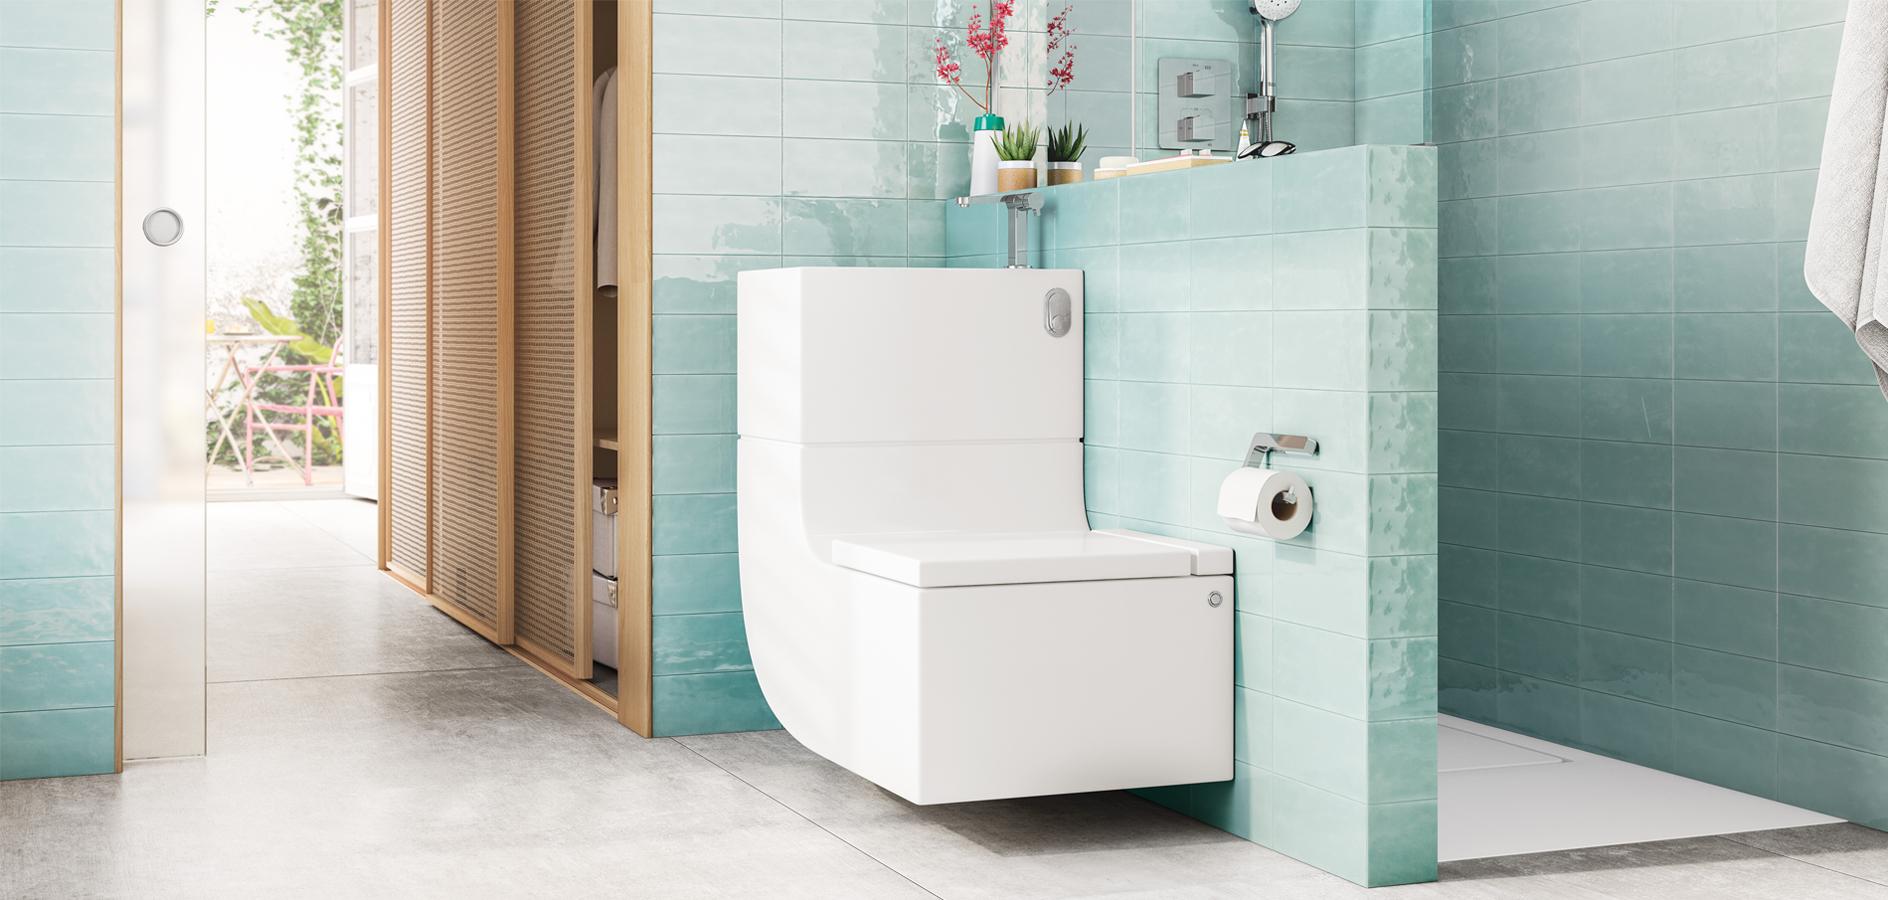 water saving basin and toilet